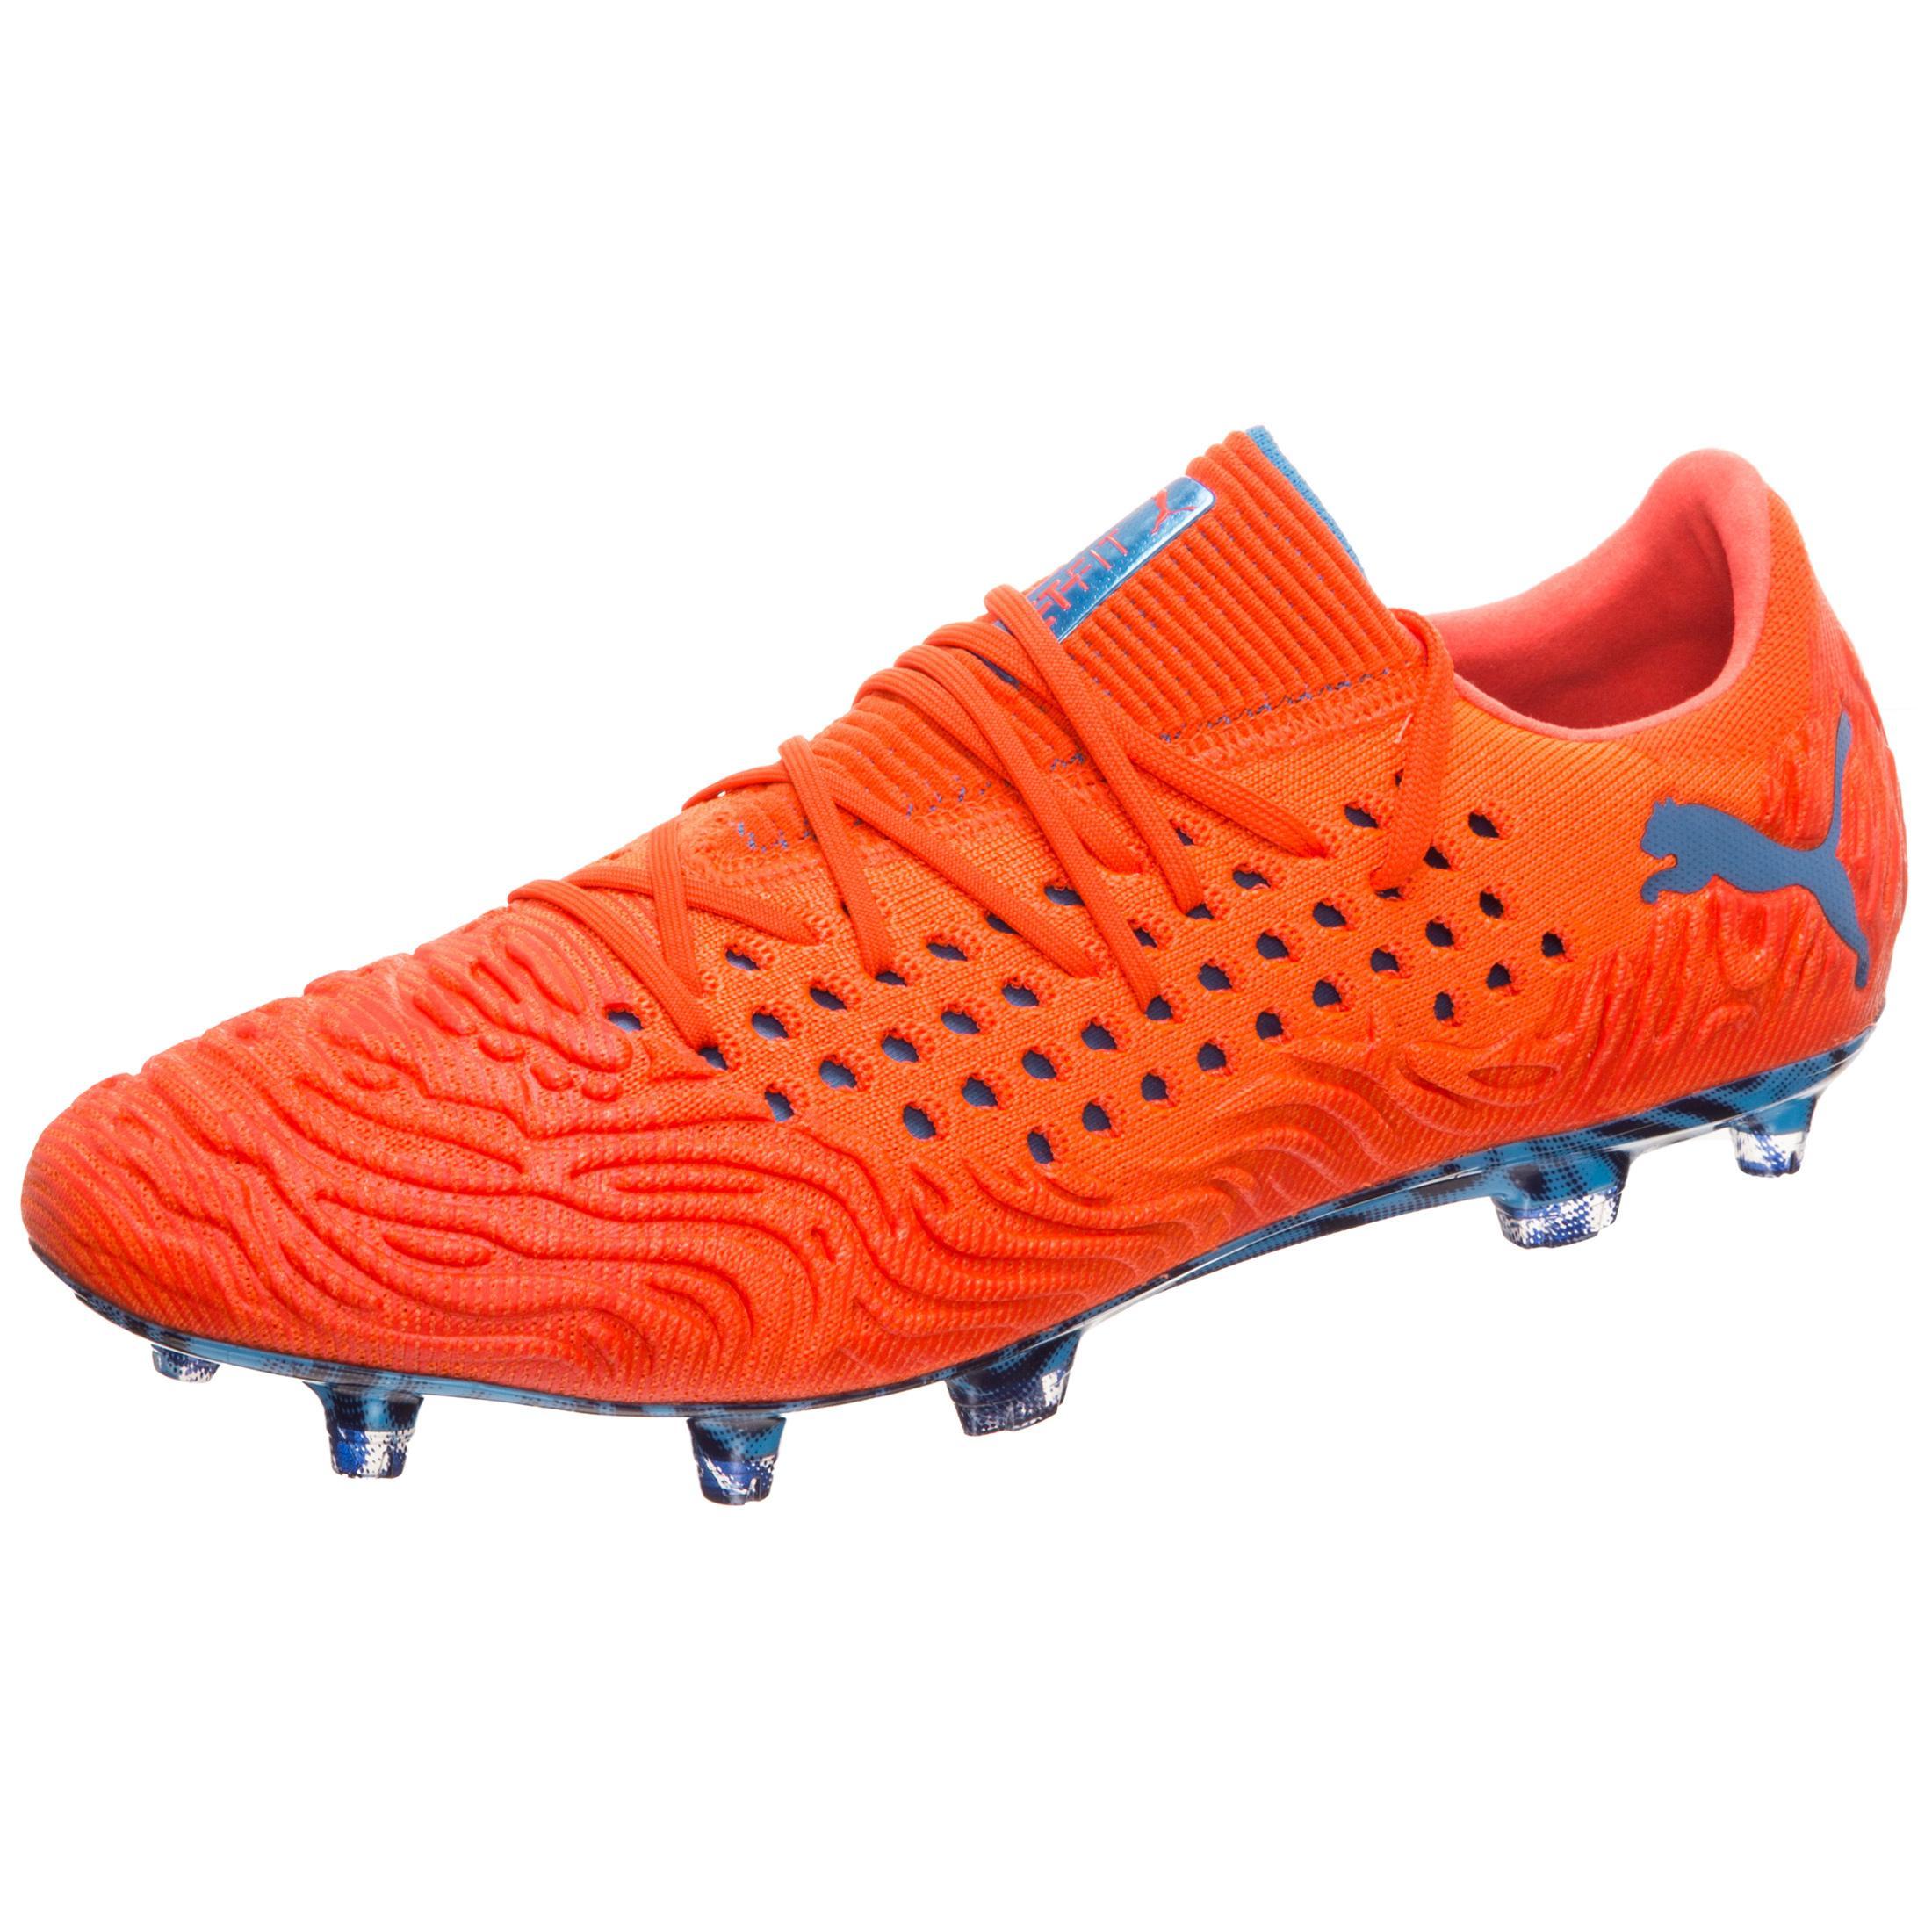 PUMA Future 19.1 NETFIT Low FG AG Fußballschuhe Herren Orange   blau im Online Shop von SportScheck kaufen Gute Qualität beliebte Schuhe